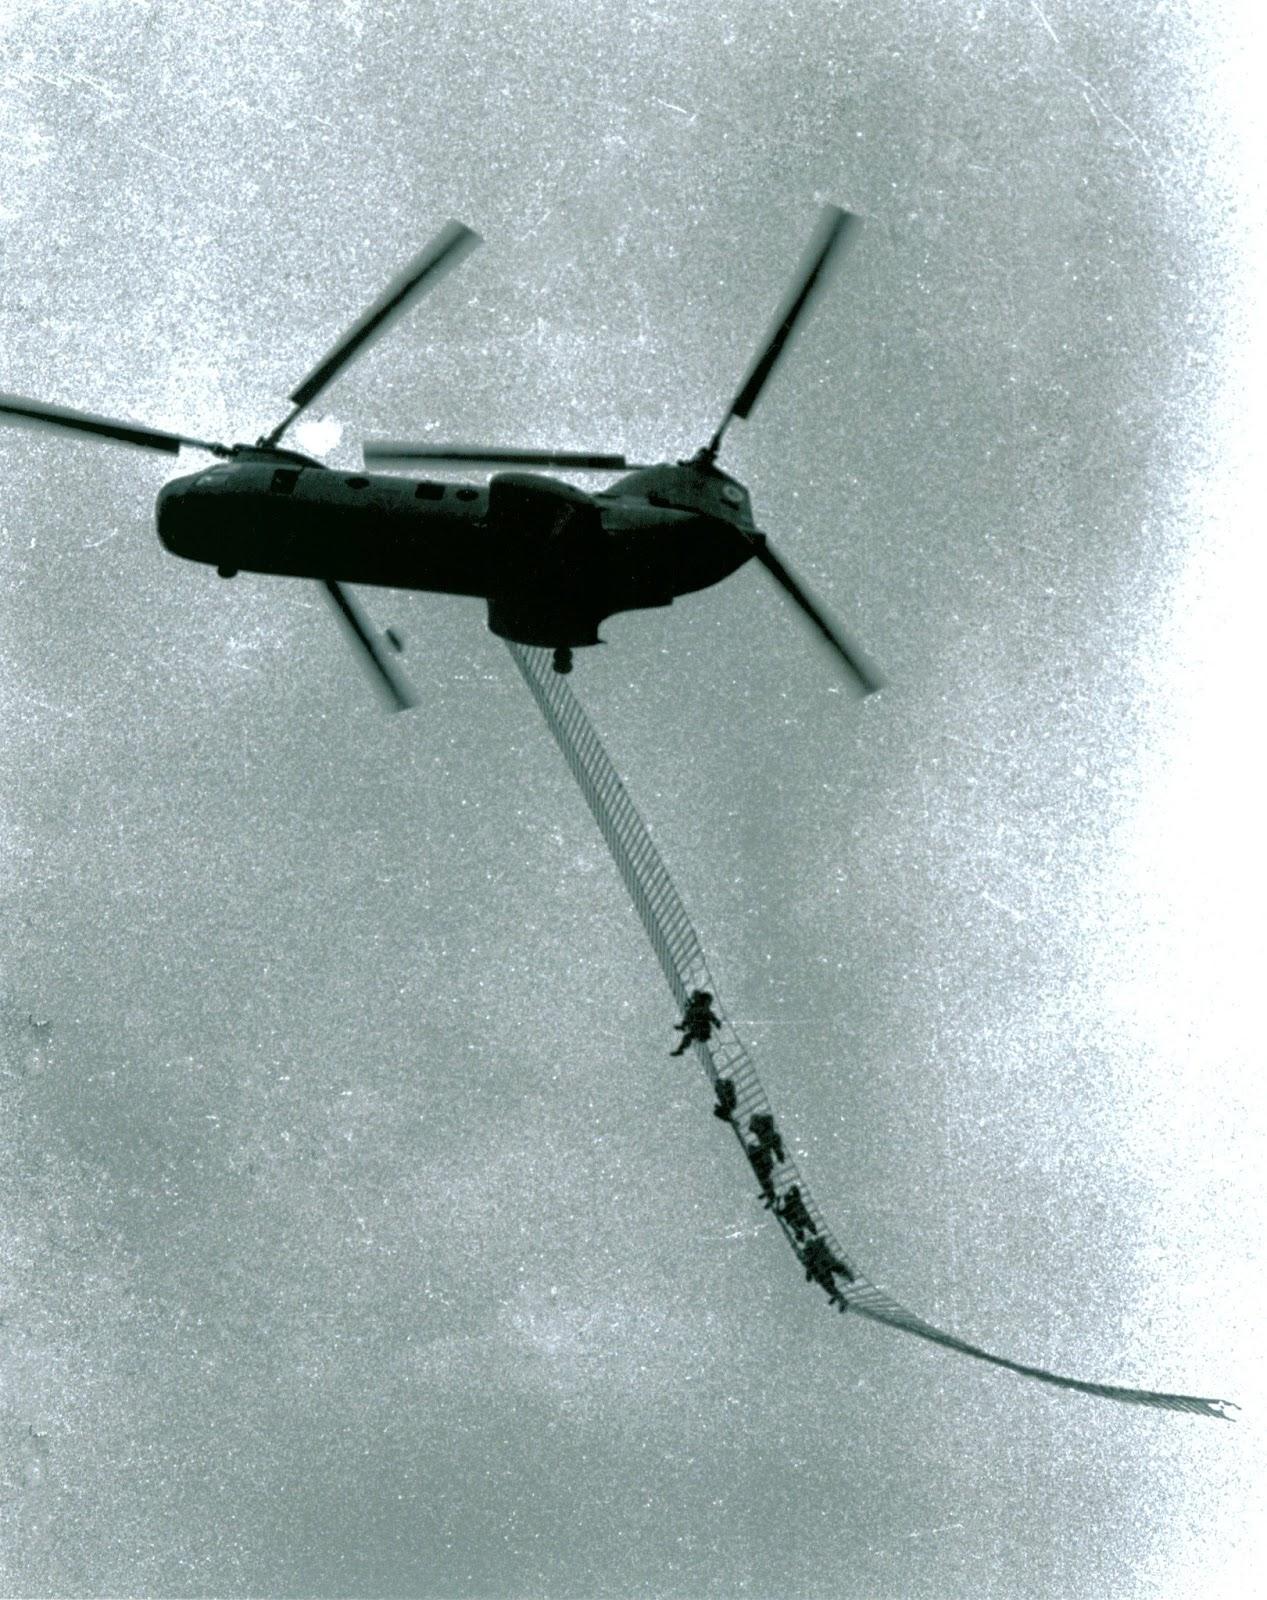 Гелікоптер CH-46 морської піхоти США здійснює евакуацію розвідувальної команди за допомогою сходів під час операції в провінції Куанг Нам, 1969 рік